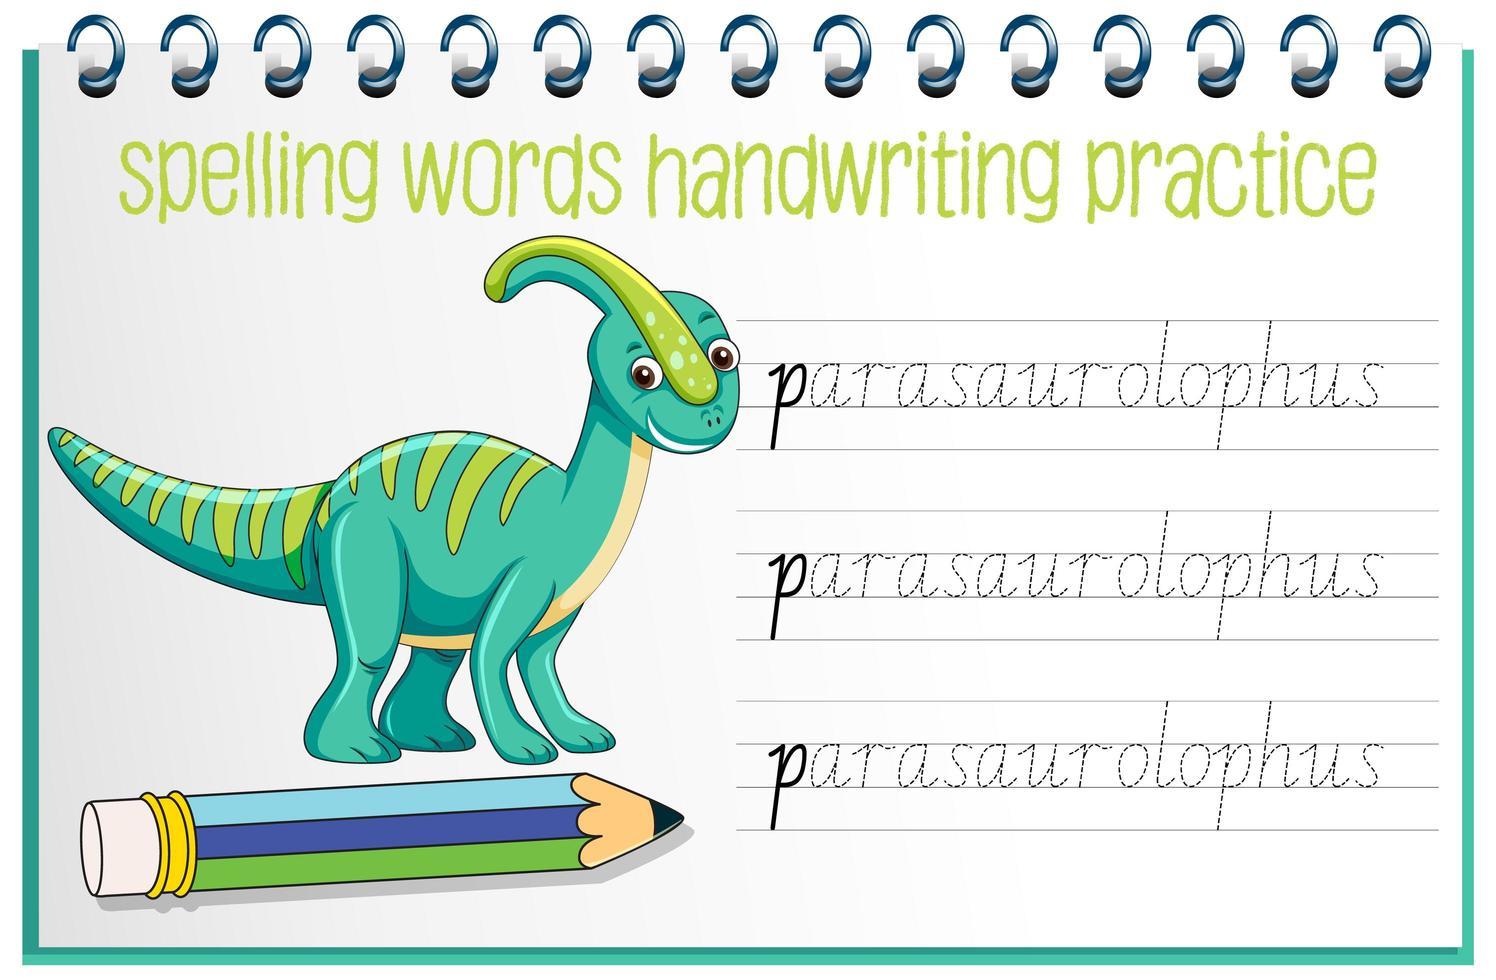 ortografía palabras dinosaurio hoja de trabajo práctica de escritura a mano vector